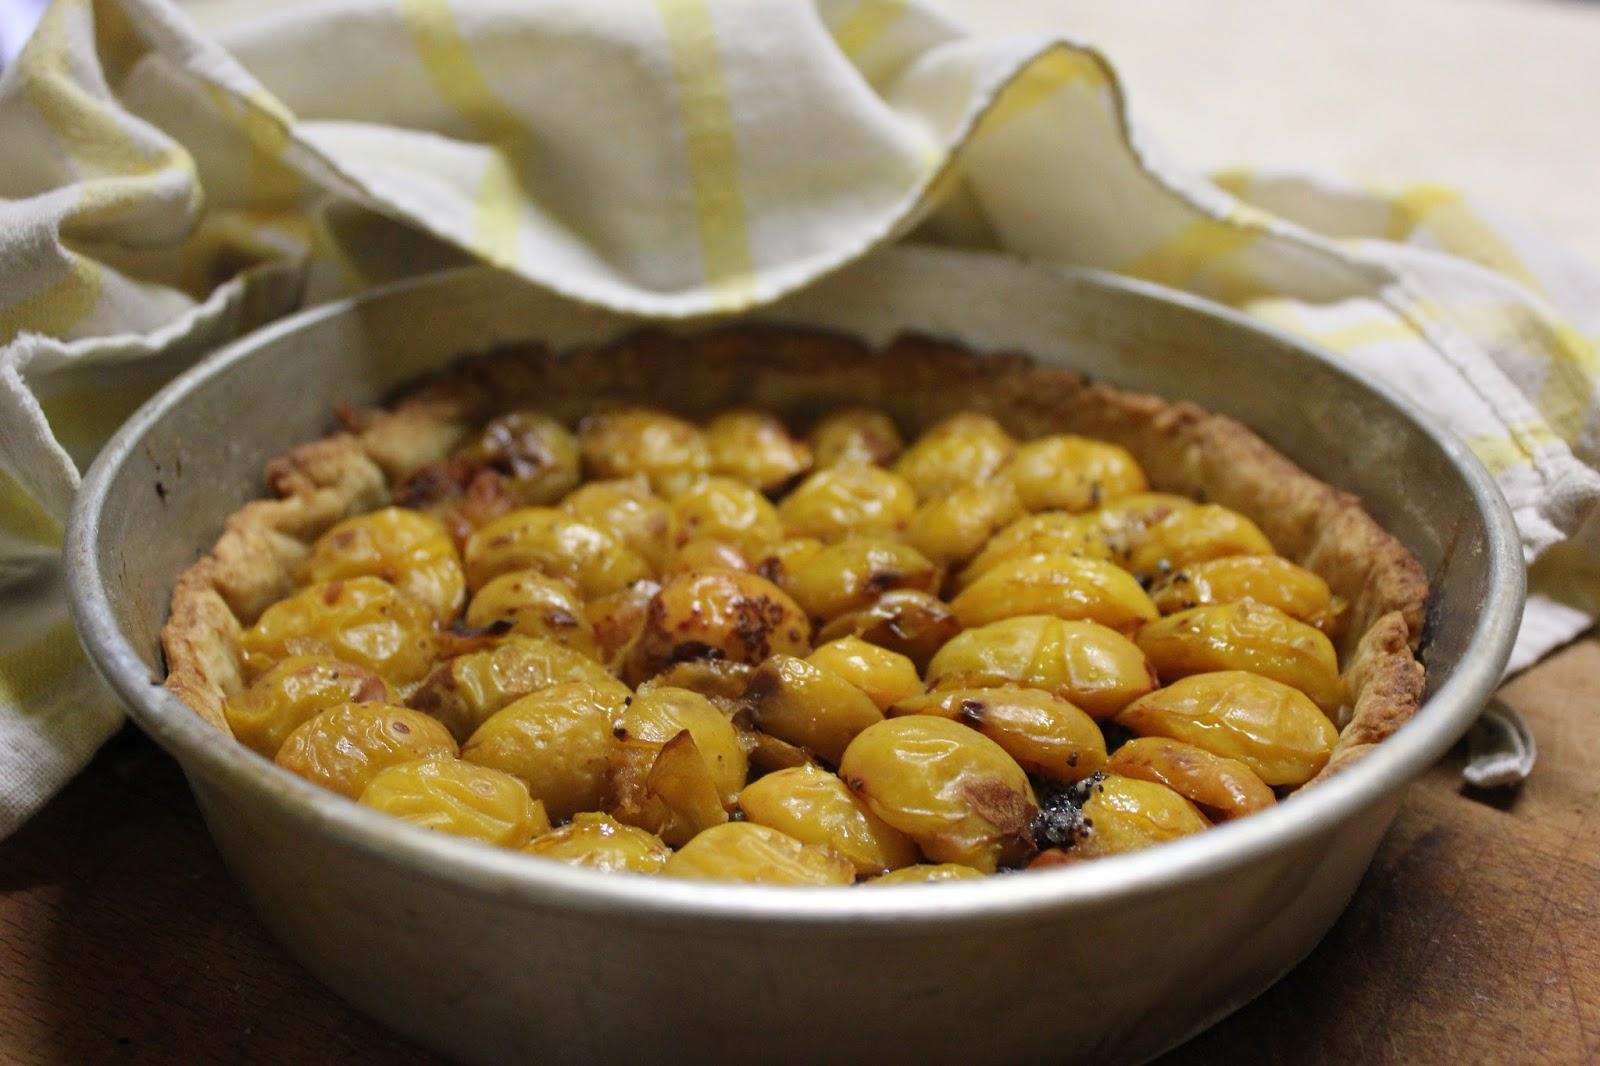 https://cuillereetsaladier.blogspot.com/2013/08/tarte-pavot-mirabelles.html